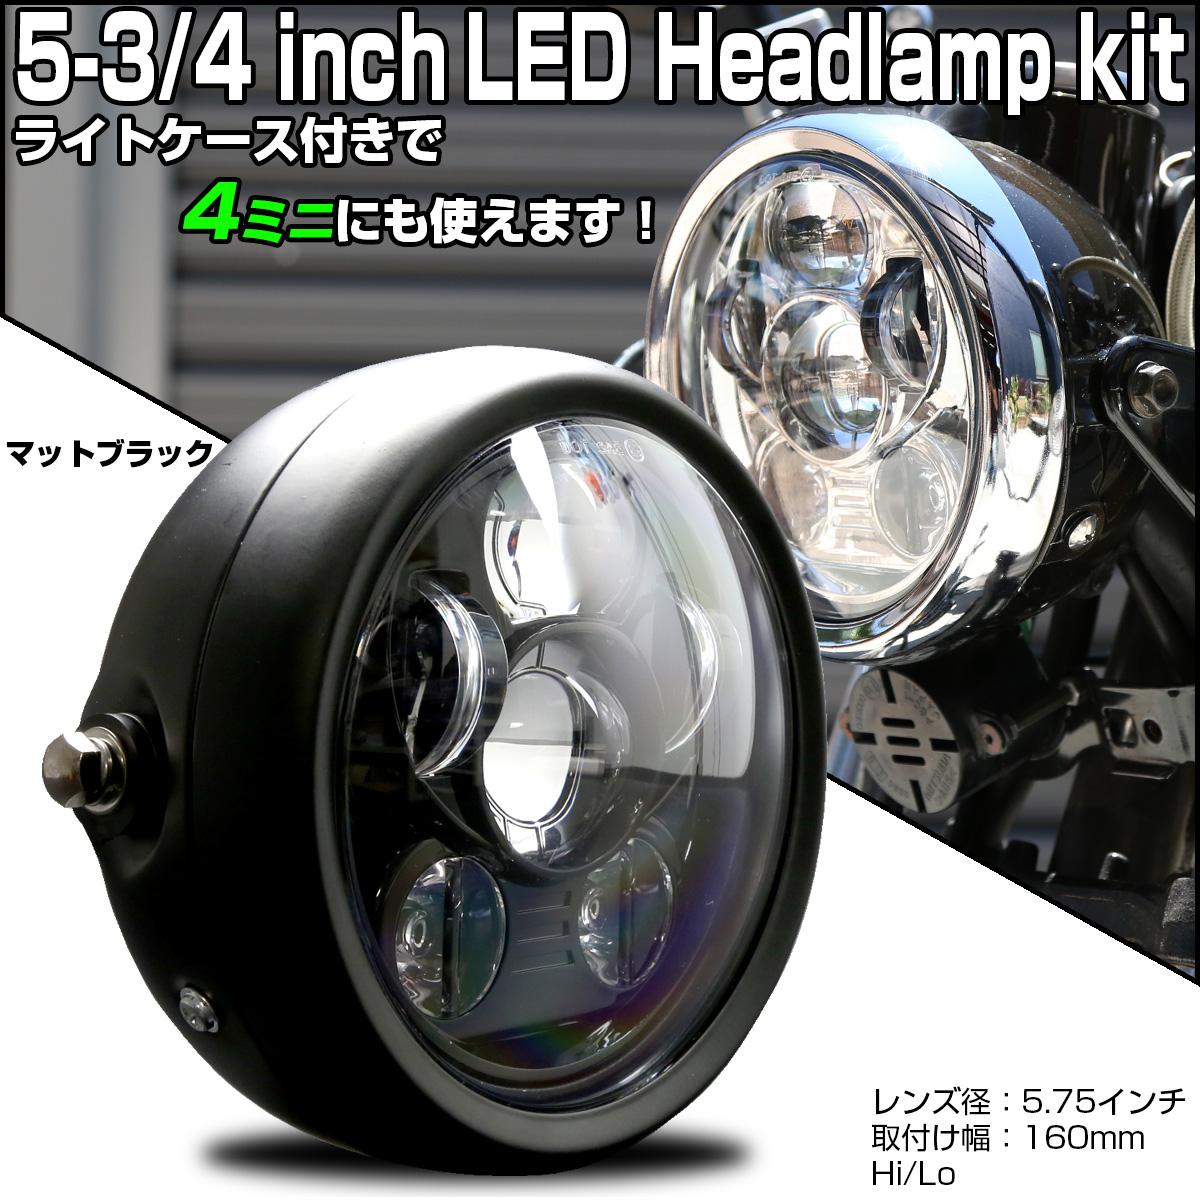 5-3|4インチ 汎用 LED ヘッドライト マットブラック 取付け幅160mmケース付き 多連プロジェクター 5.75インチ P-614-BK